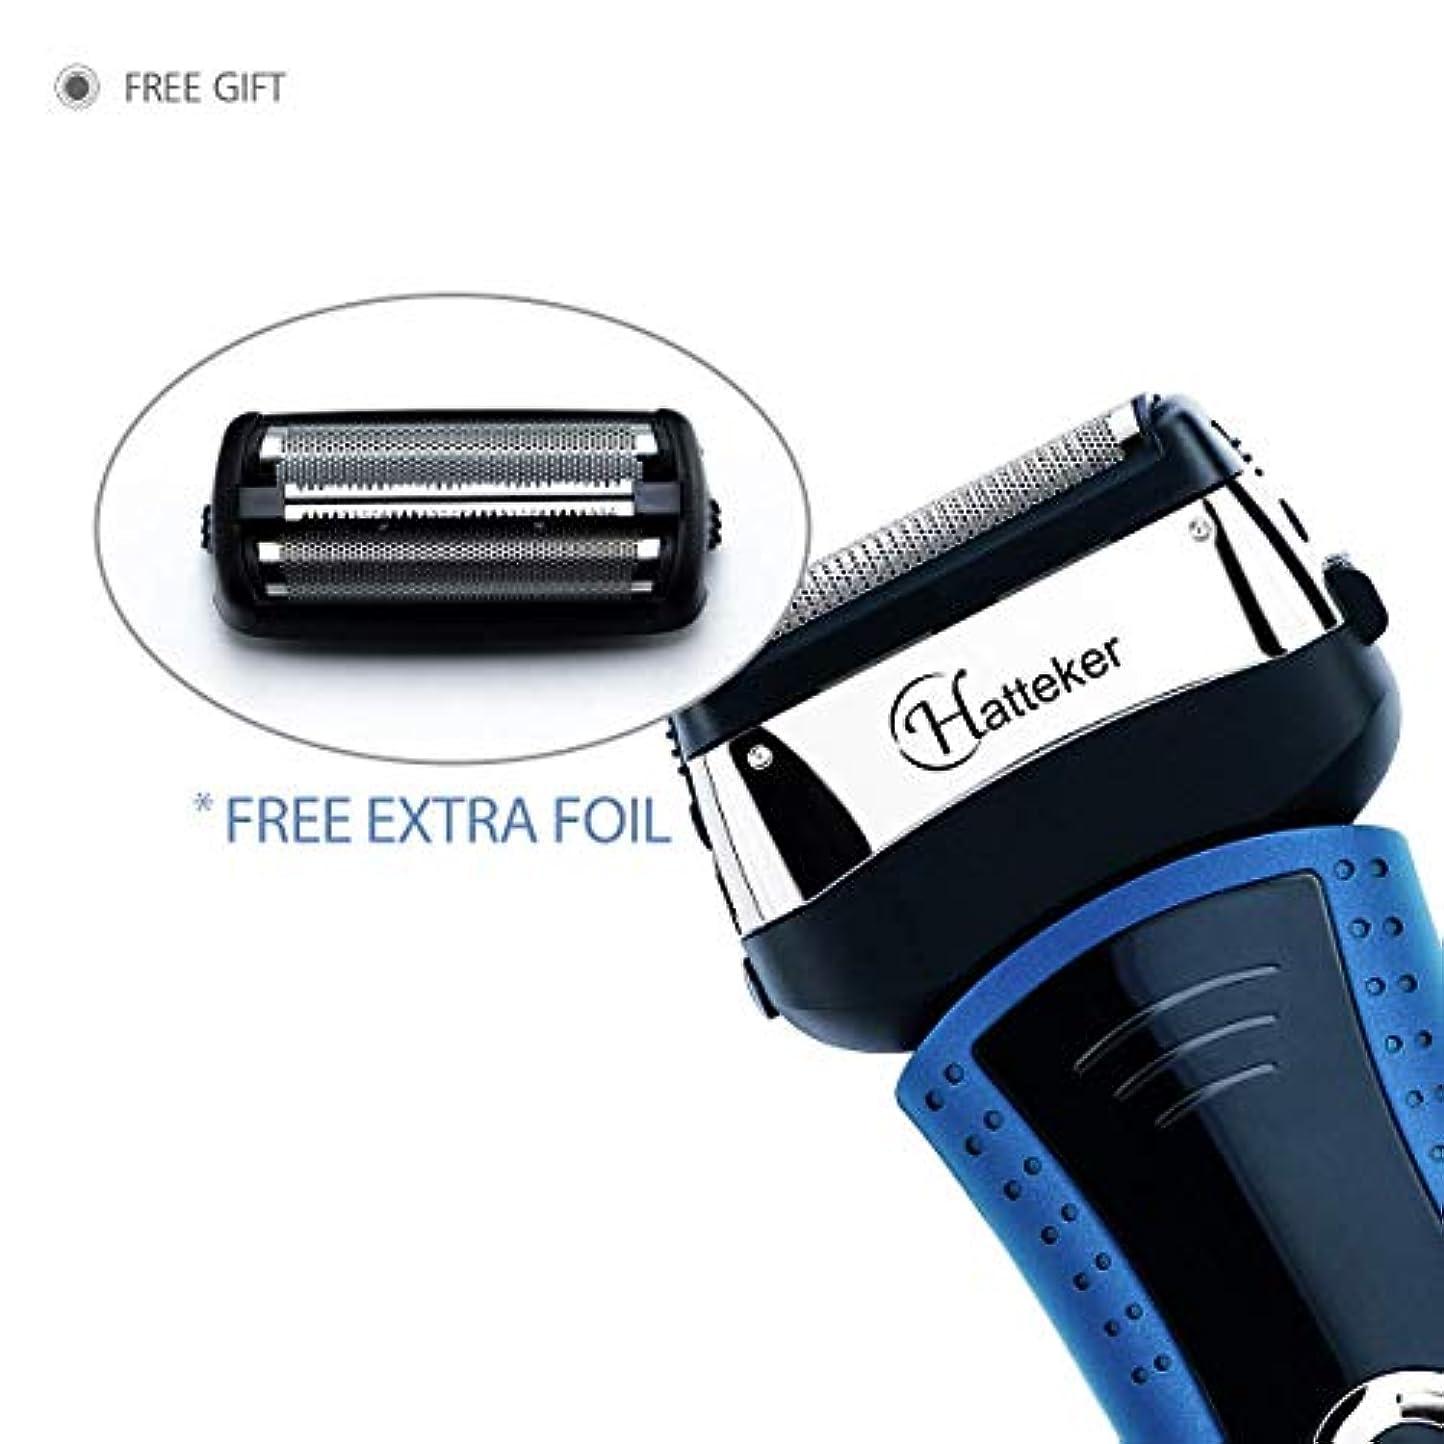 ボイド予知流メンズシェーバー ひげそり 電動髭剃り 往復式シェーバー 3枚刃 USB充電式 LEDディスプレイ お風呂剃り & 丸洗可 替刃付き